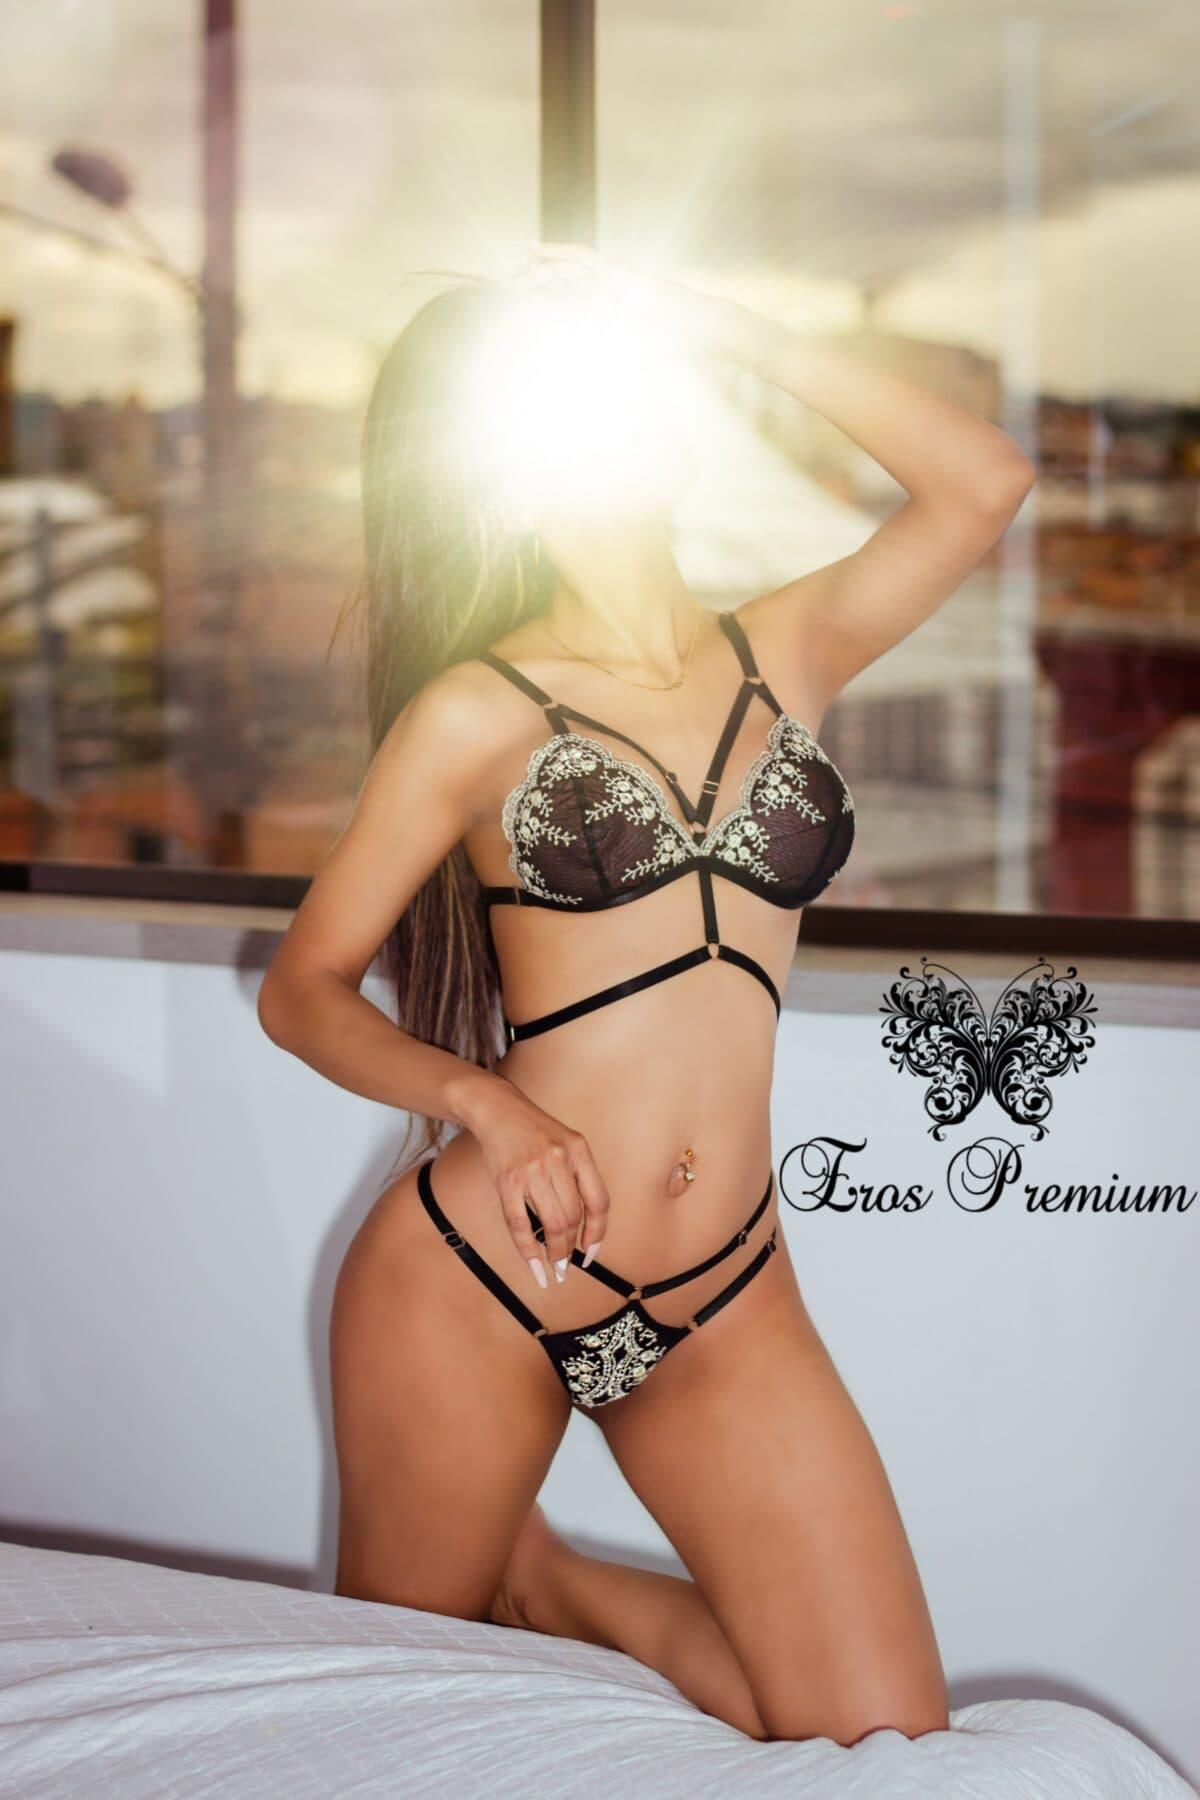 Tamara Modelo Prepago en Bogota